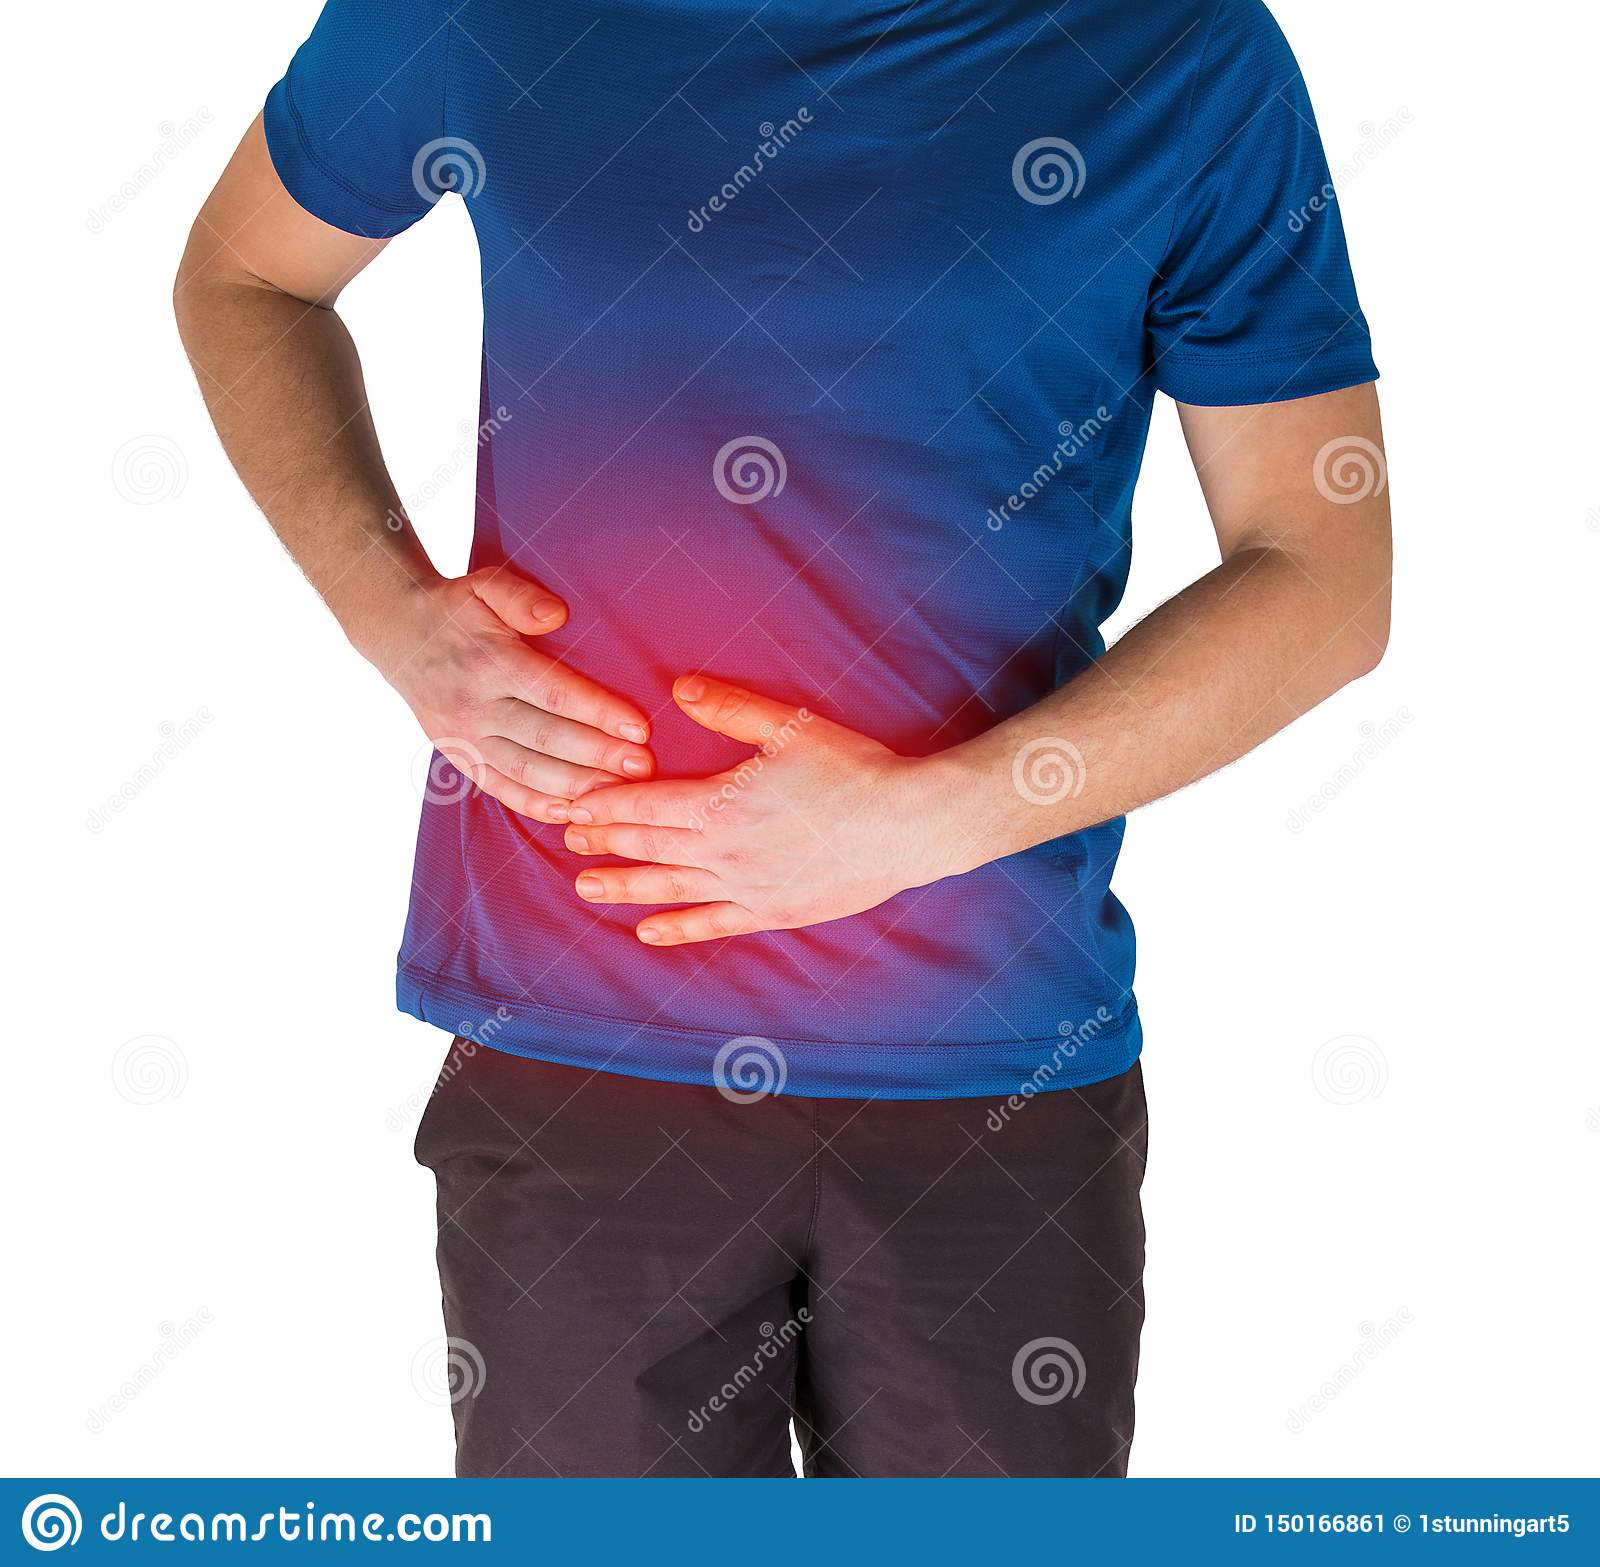 Douleur abdominale se sentante d athlète et point latéral d exercice d isolement au-dessus du fond blanc